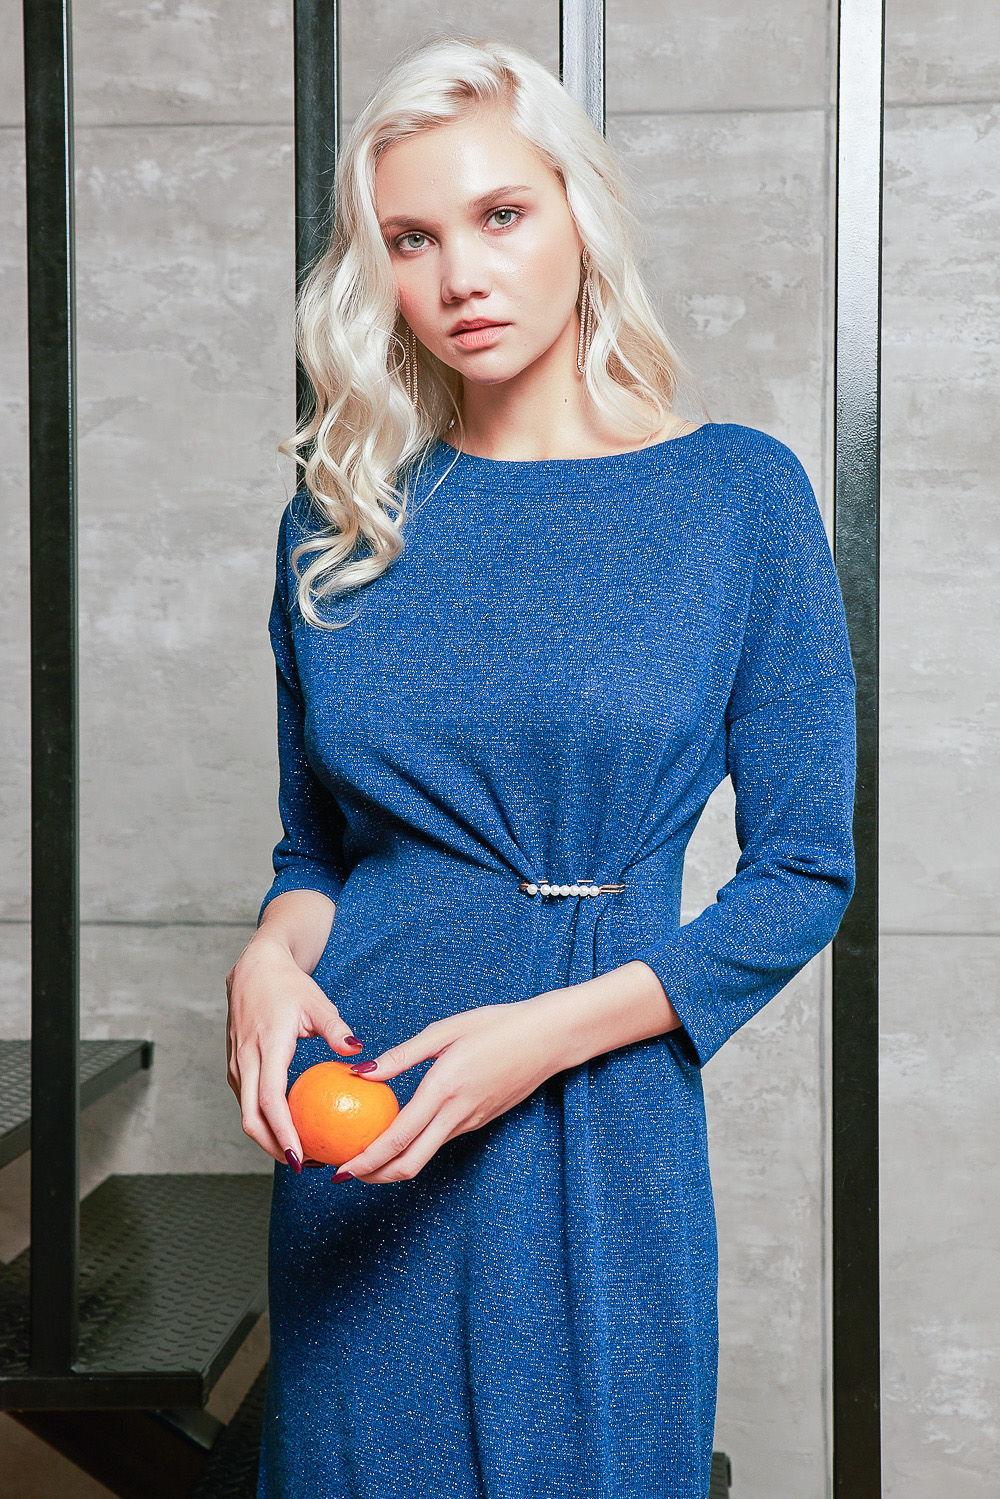 Платье З427-415 - Эффектное сверкающее платье цвета деним. Прямой свободный фасон превосходно сядет на любую фигуру и не будет сковывать движений.Прямая линия горловины в виде лодочки прикрывает большую часть декольте, но тонко раскрывает плечи и ключицу.Верхняя часть платья из полиэстера - износостойкой и прочной ткани, которая не нуждается в особом уходе (можно стирать при 40 градусах в машинке), быстро высыхает после стирки, хорошо держит цвет и практически не даёт усадки. Подклад из 100%-ной вискозы обеспечивает отличную посадку, необычайную мягкость и приятен для телаСеребристое переливание платья делает образ роскошным и торжественным.